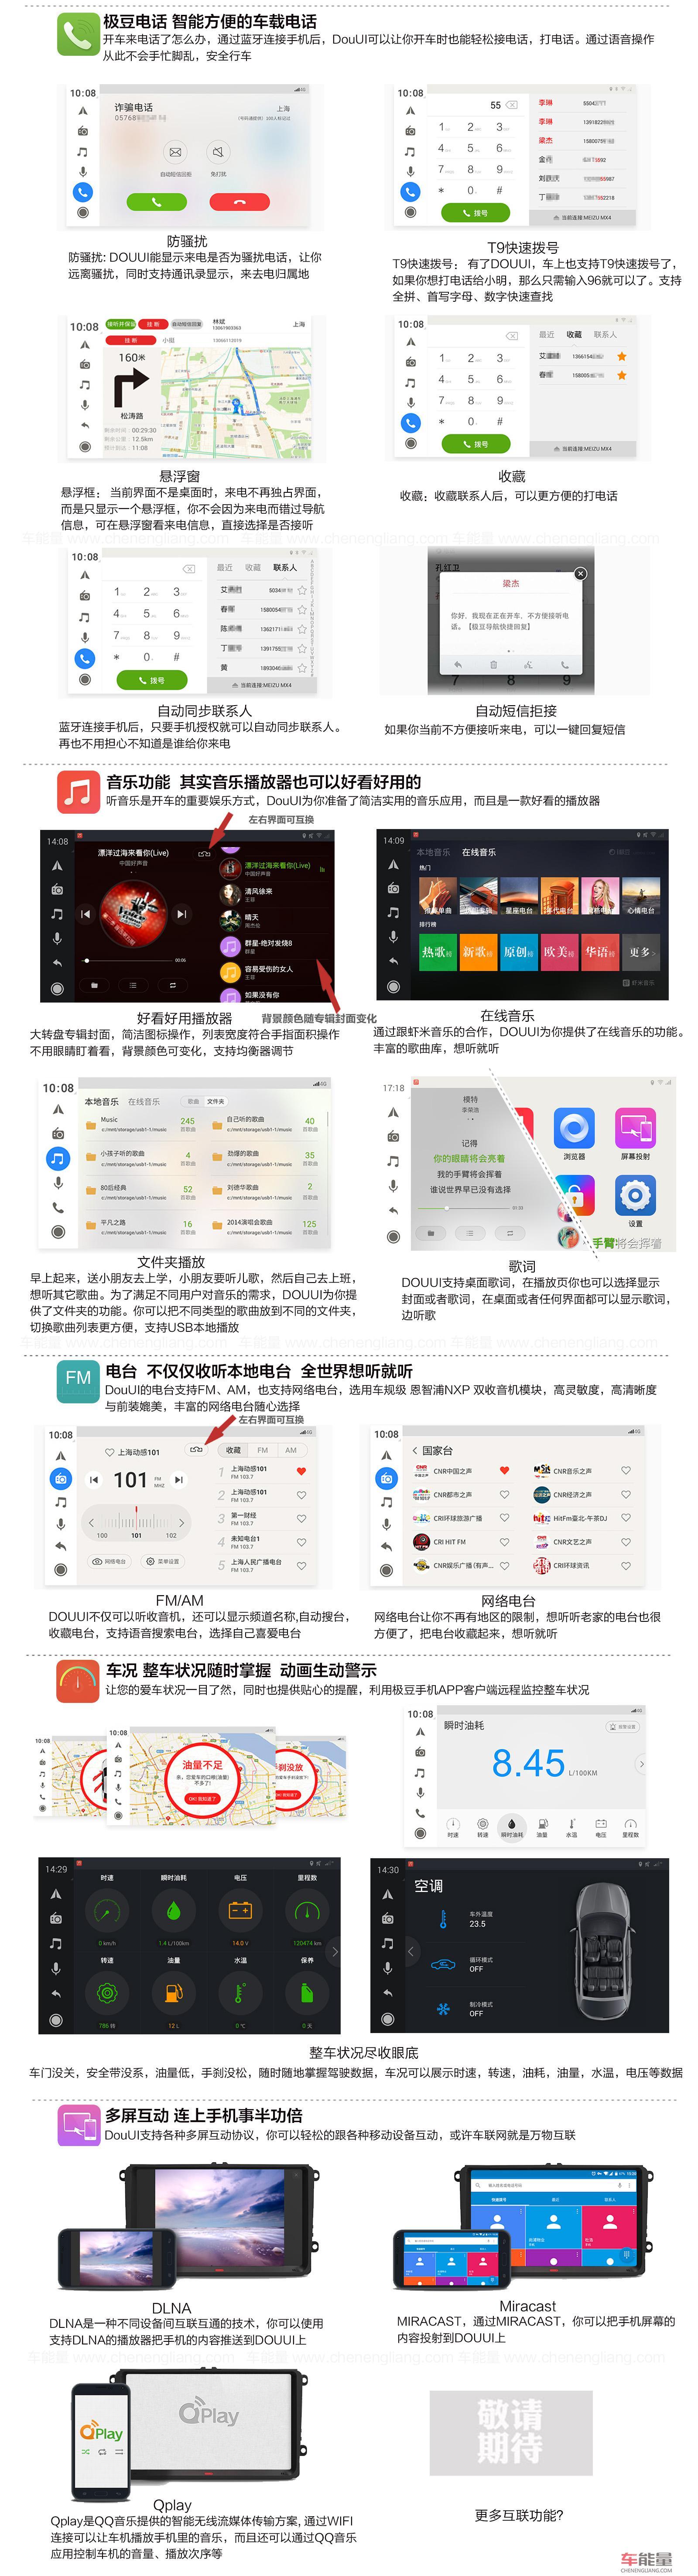 极豆导航软件(精华篇)by车能量2.jpg